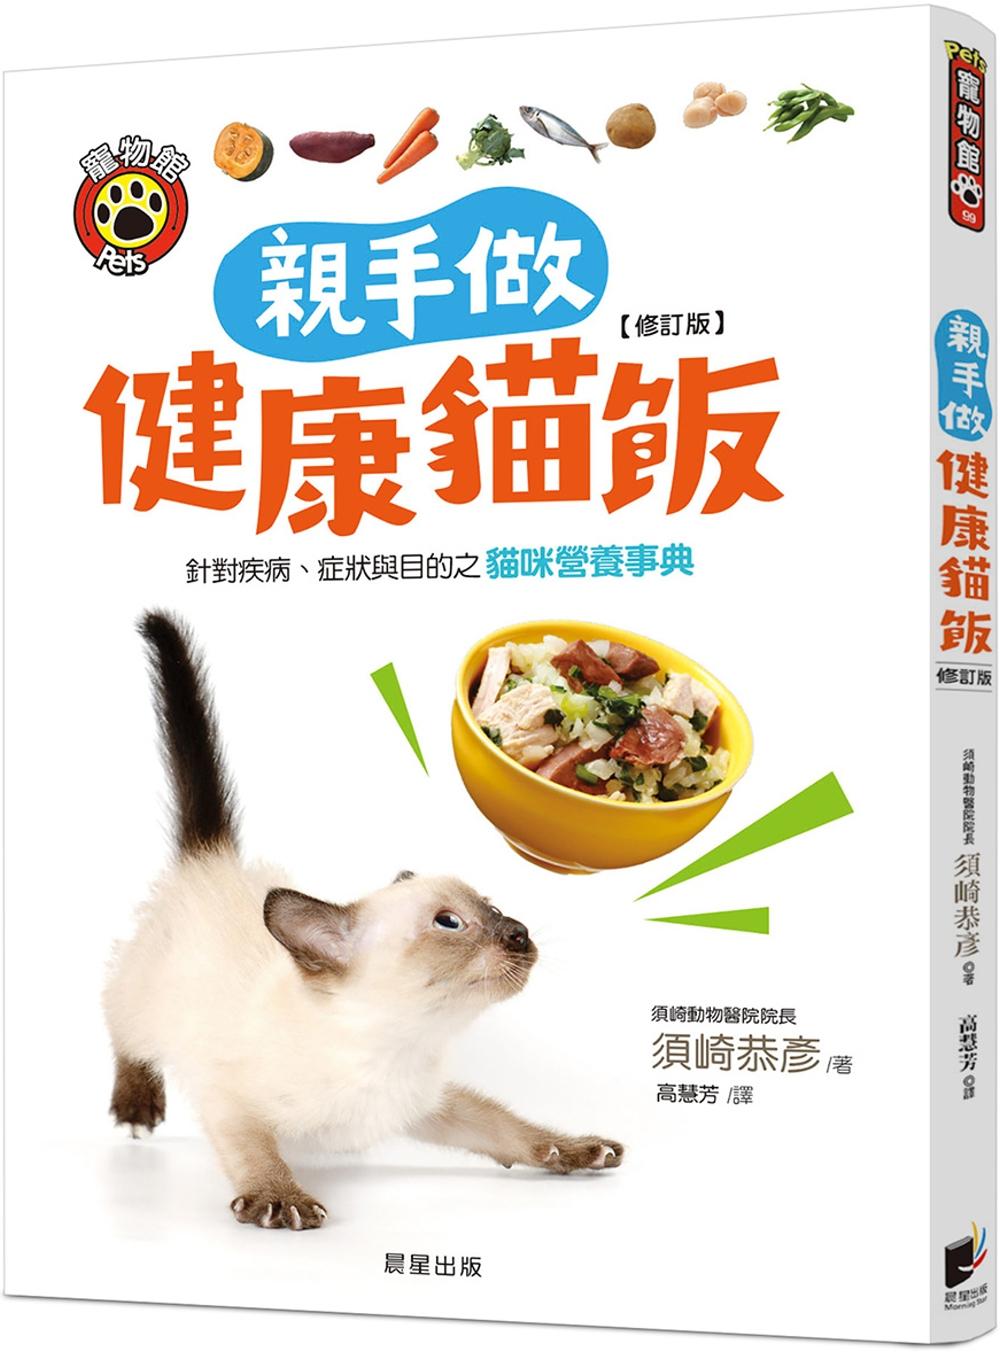 親手做健康貓飯(修訂版):針對...